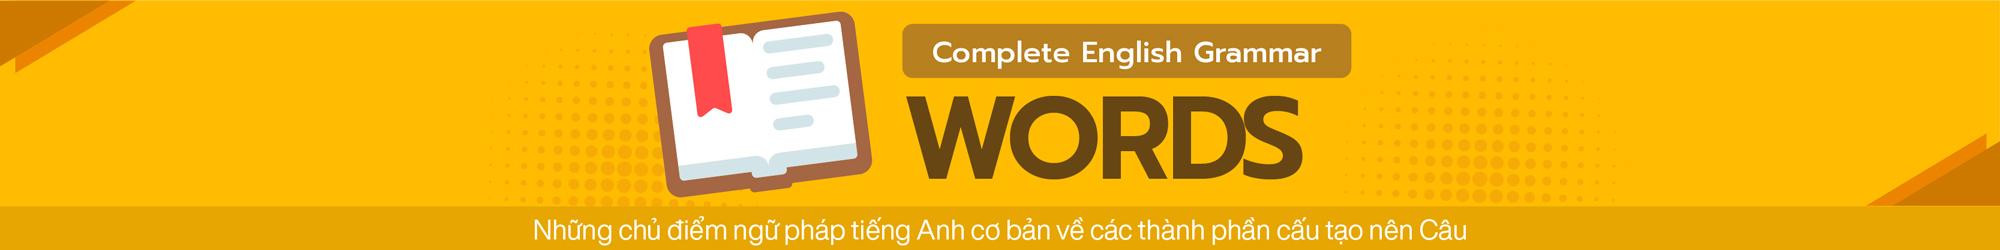 COMPLETE ENGLISH GRAMMAR (WORDS) banner